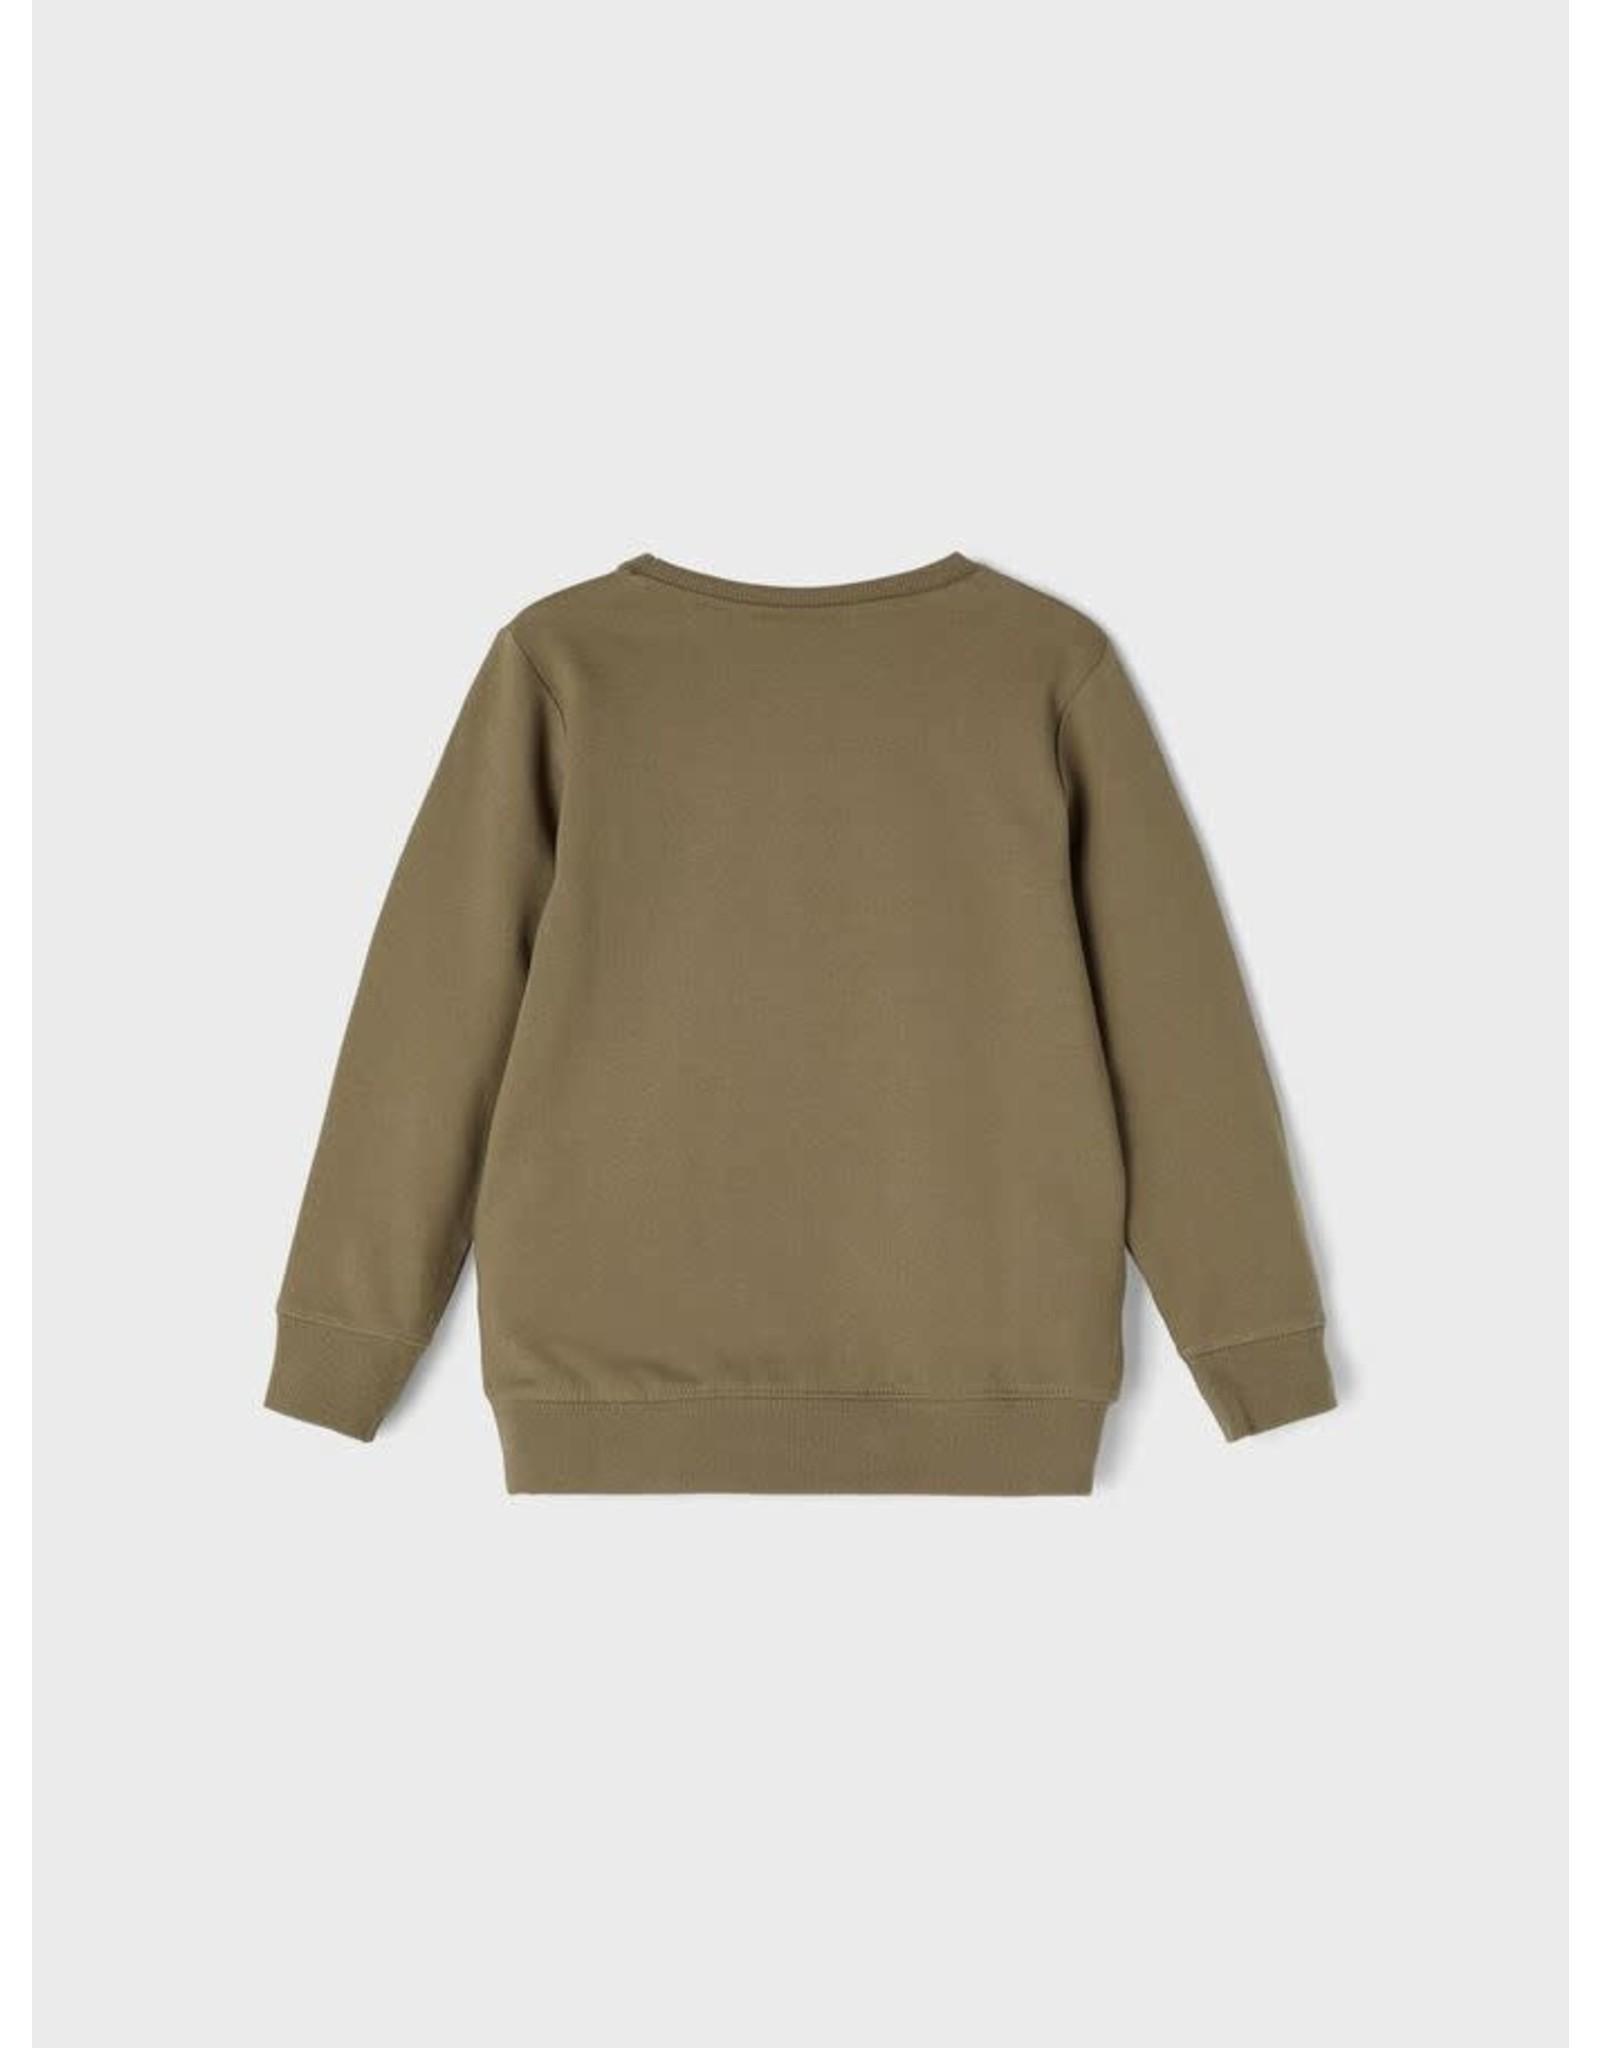 Name It Kaki sweatshirt trui voor de kleine jongens